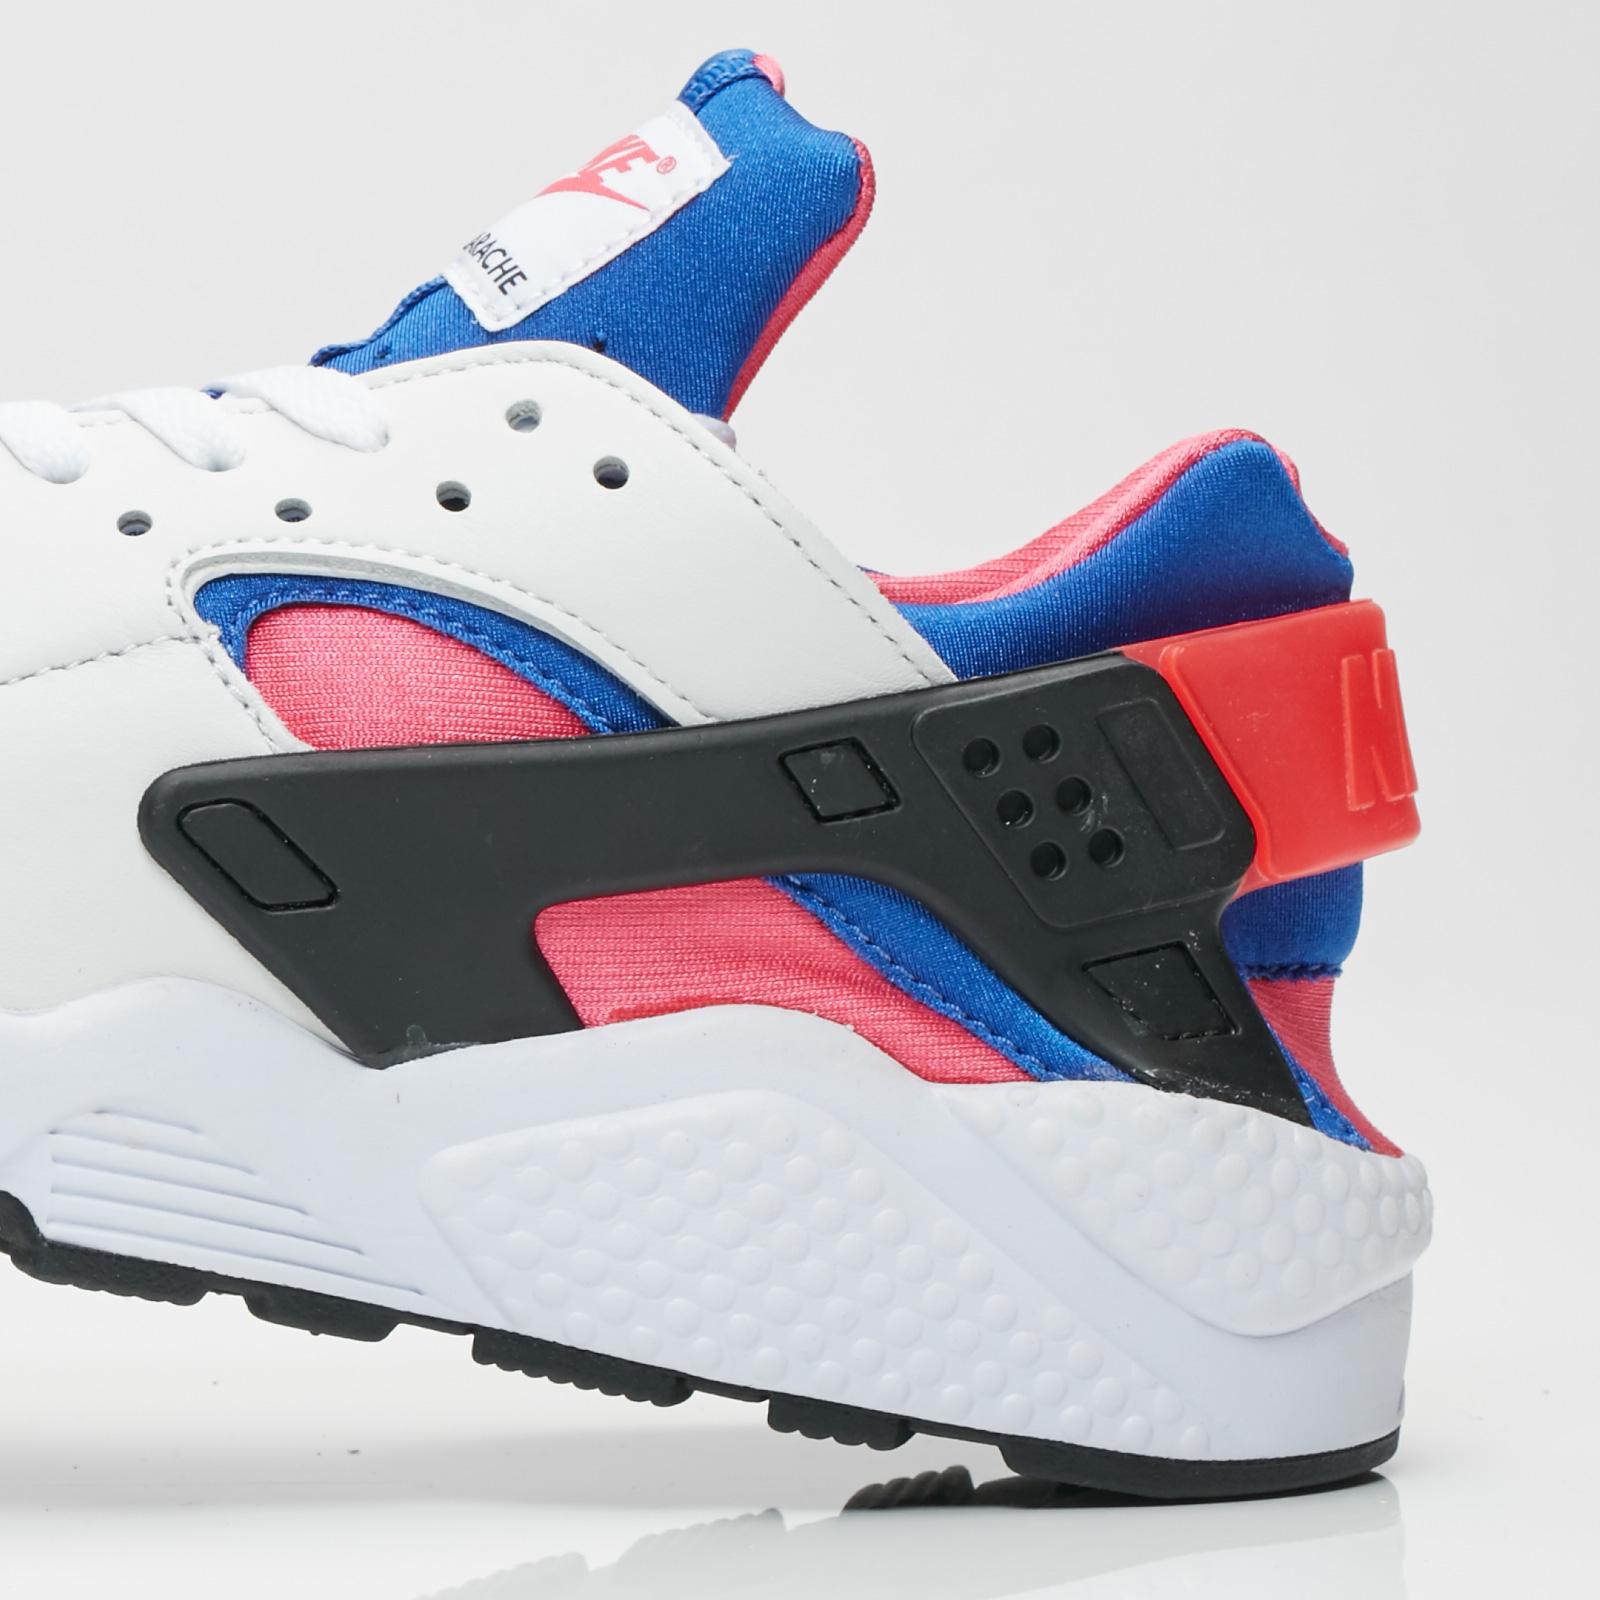 6ebea5556811 Nike Air Huarache Run 91 QS - Ah8049-100 - Sneakersnstuff